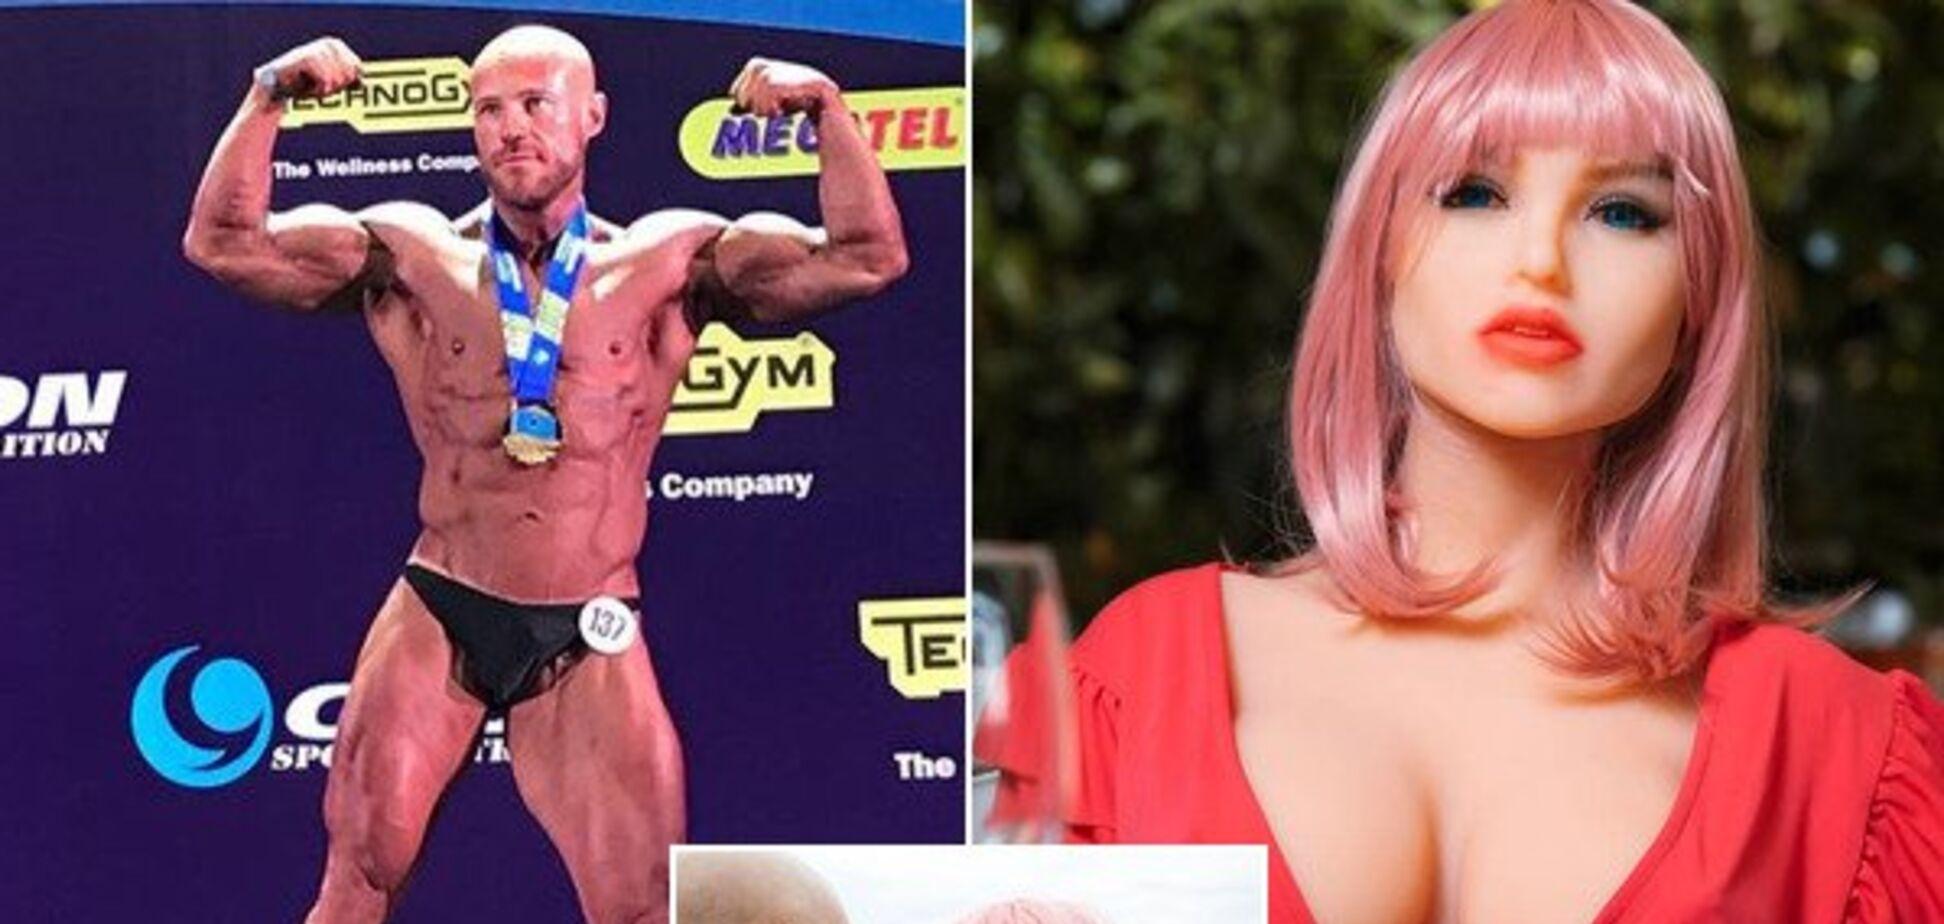 Бодибилдер-чемпион из Украины променял женщин на куклу и вызвал агонию у феминисток